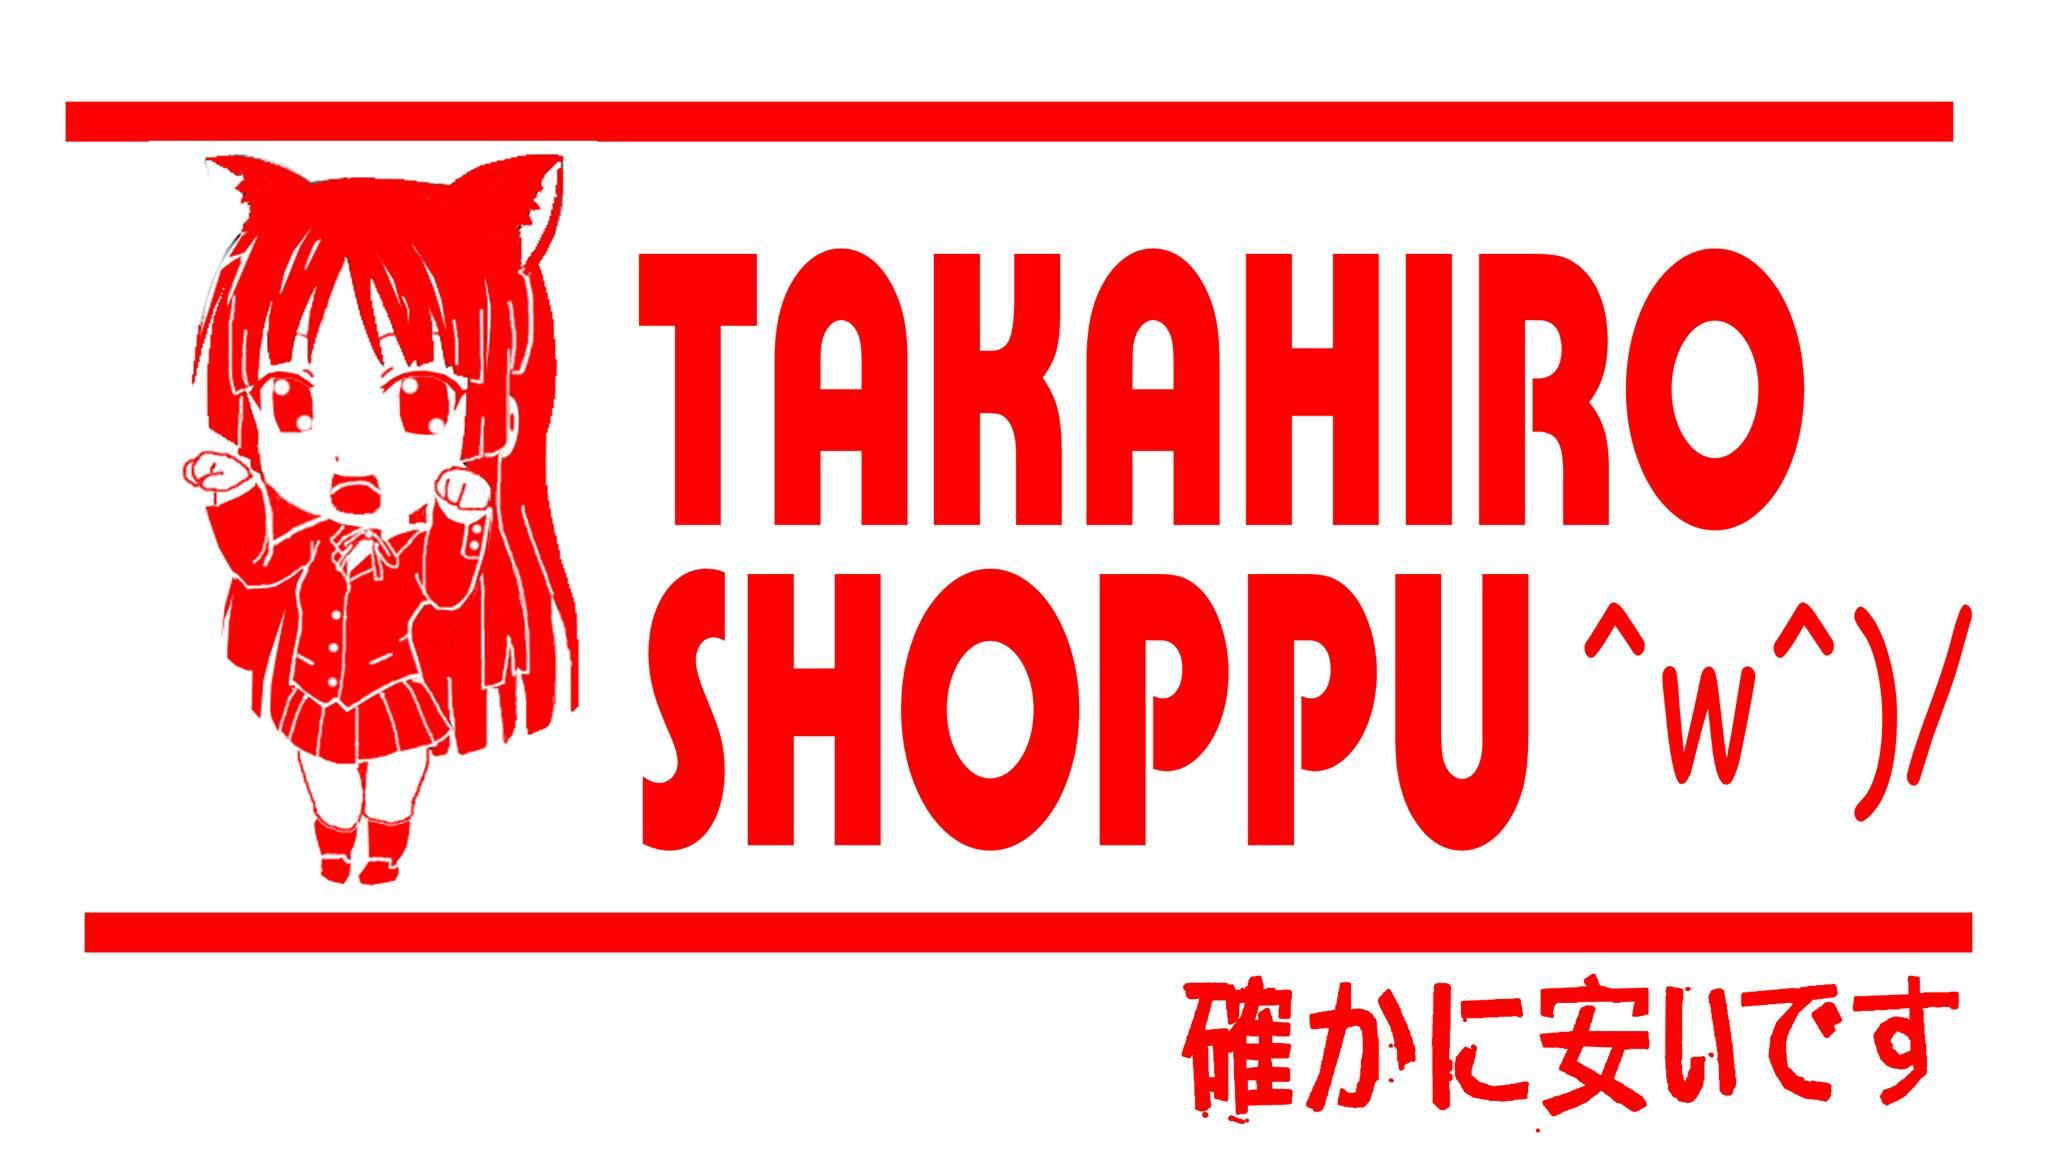 Takahiro Shoppu